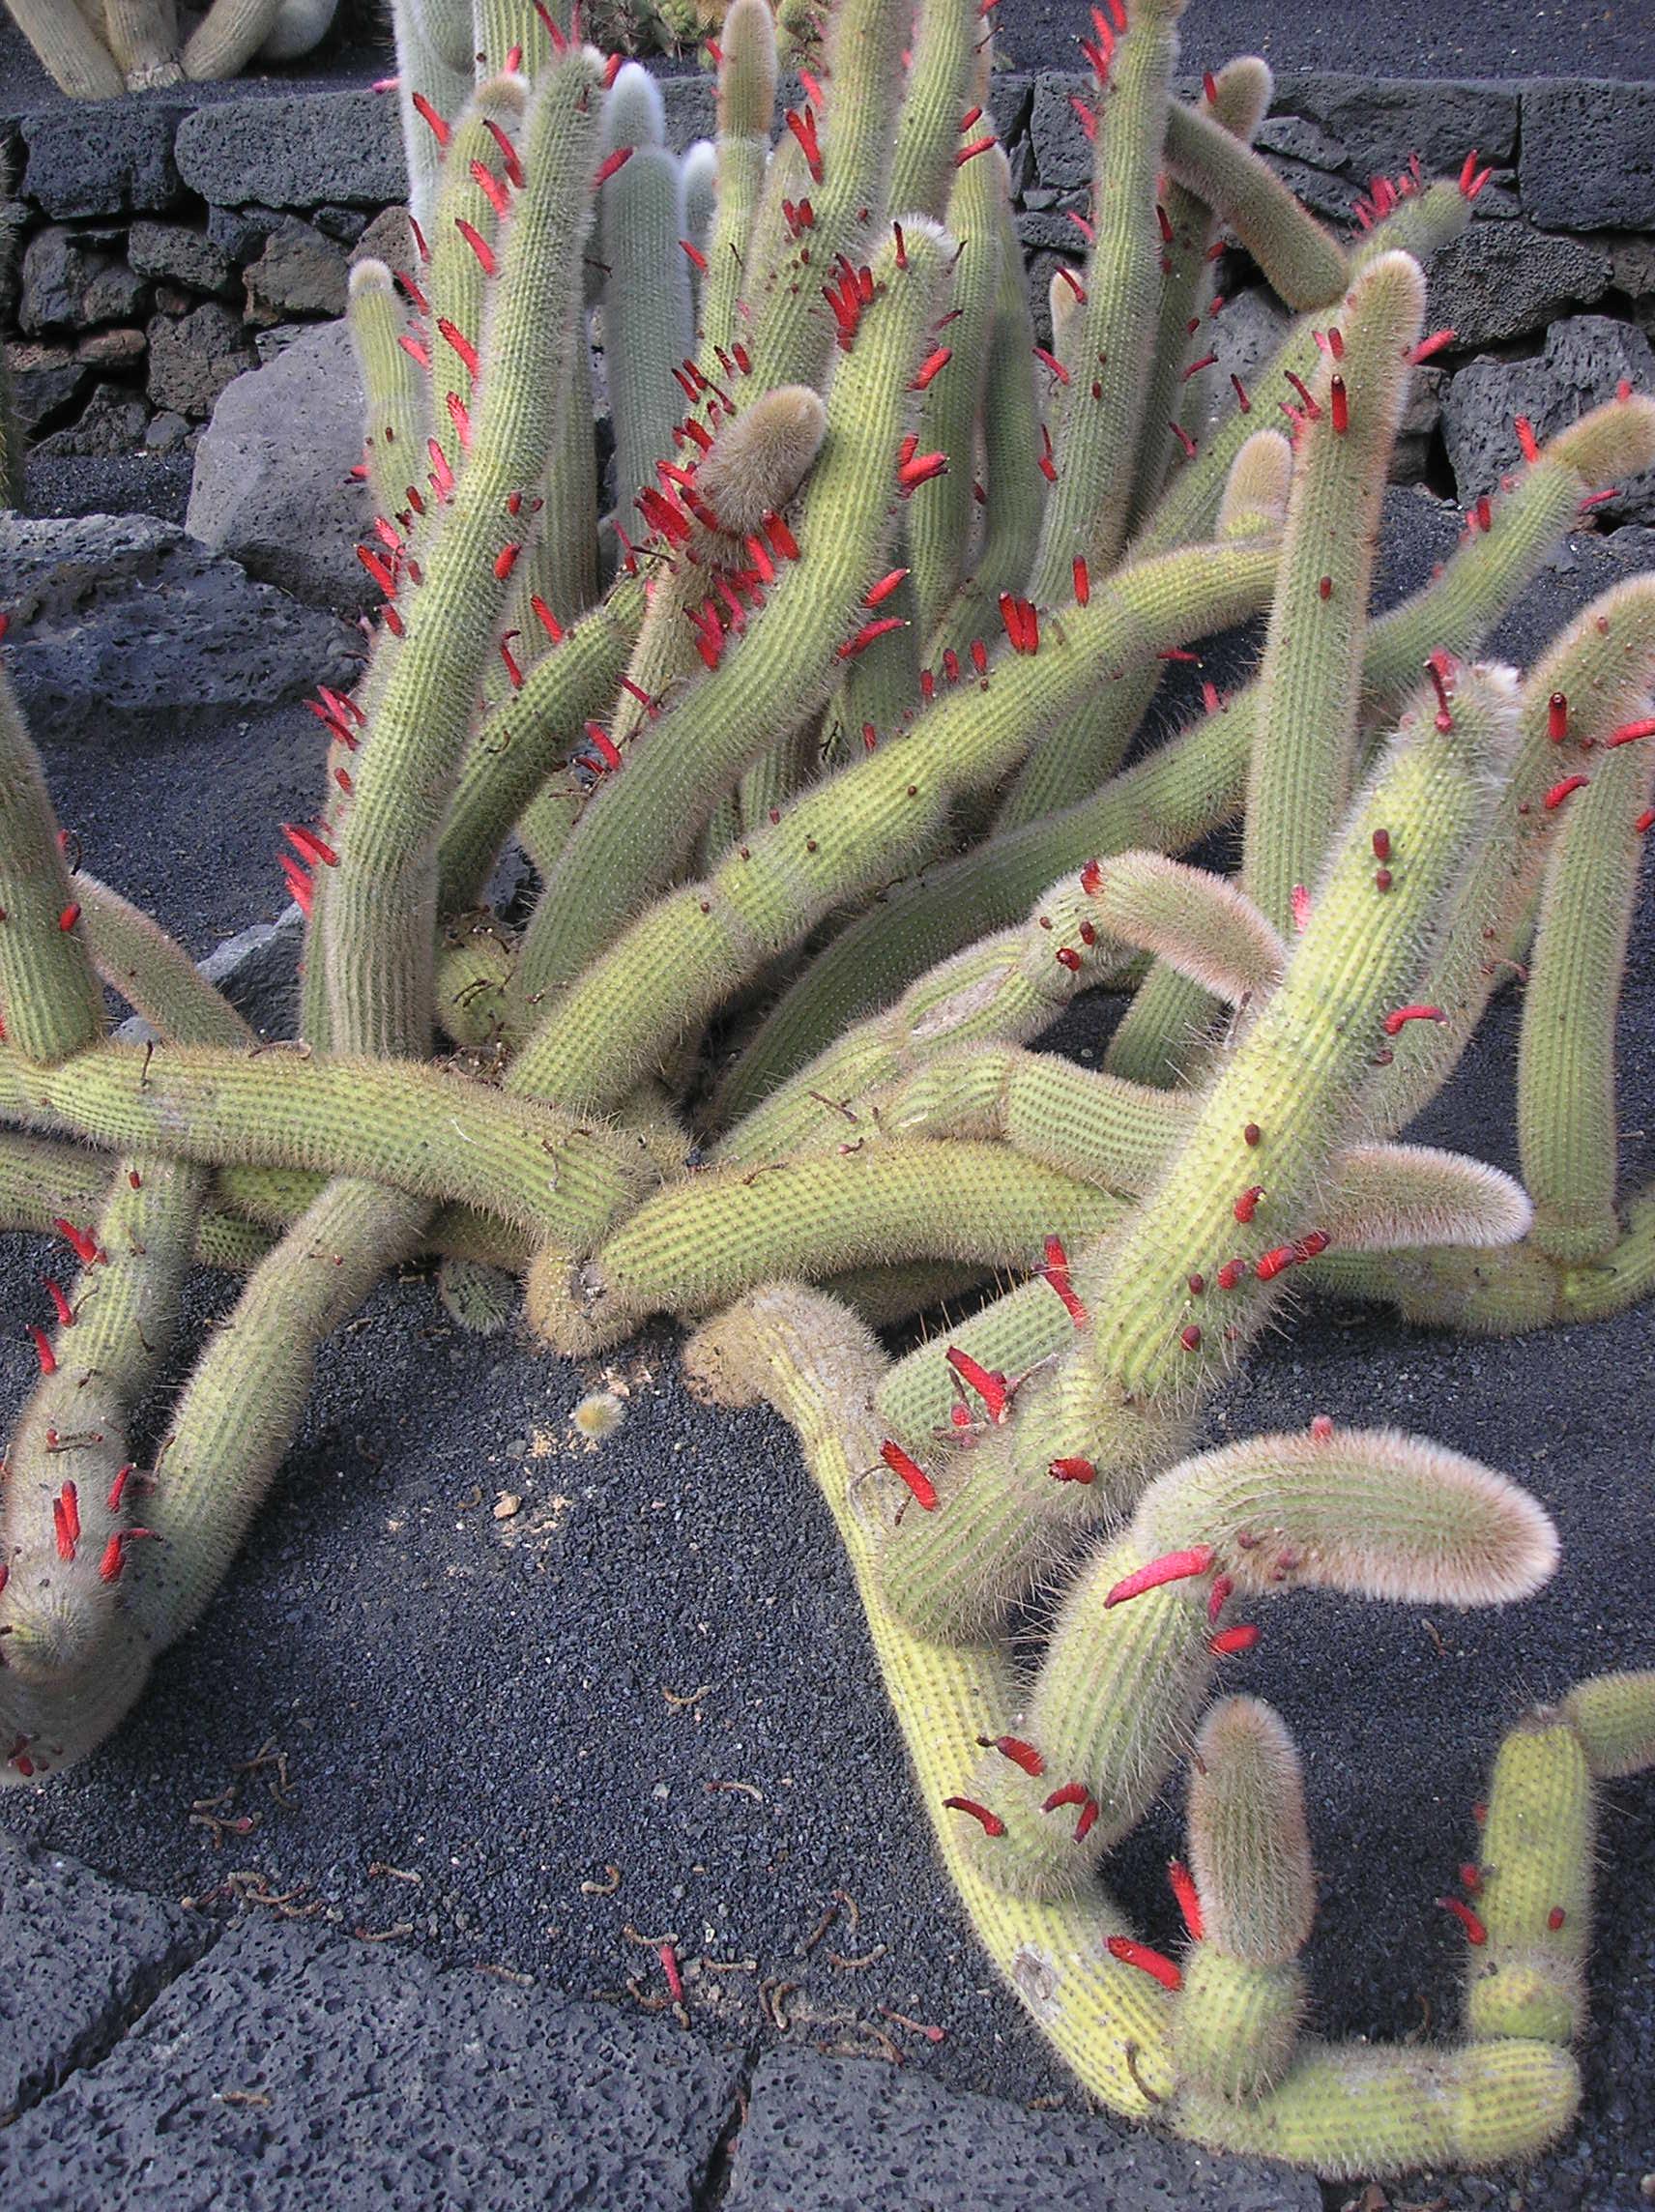 Cacti at the jardin de cactus lanzarote nen gallery for Jardines con cactus